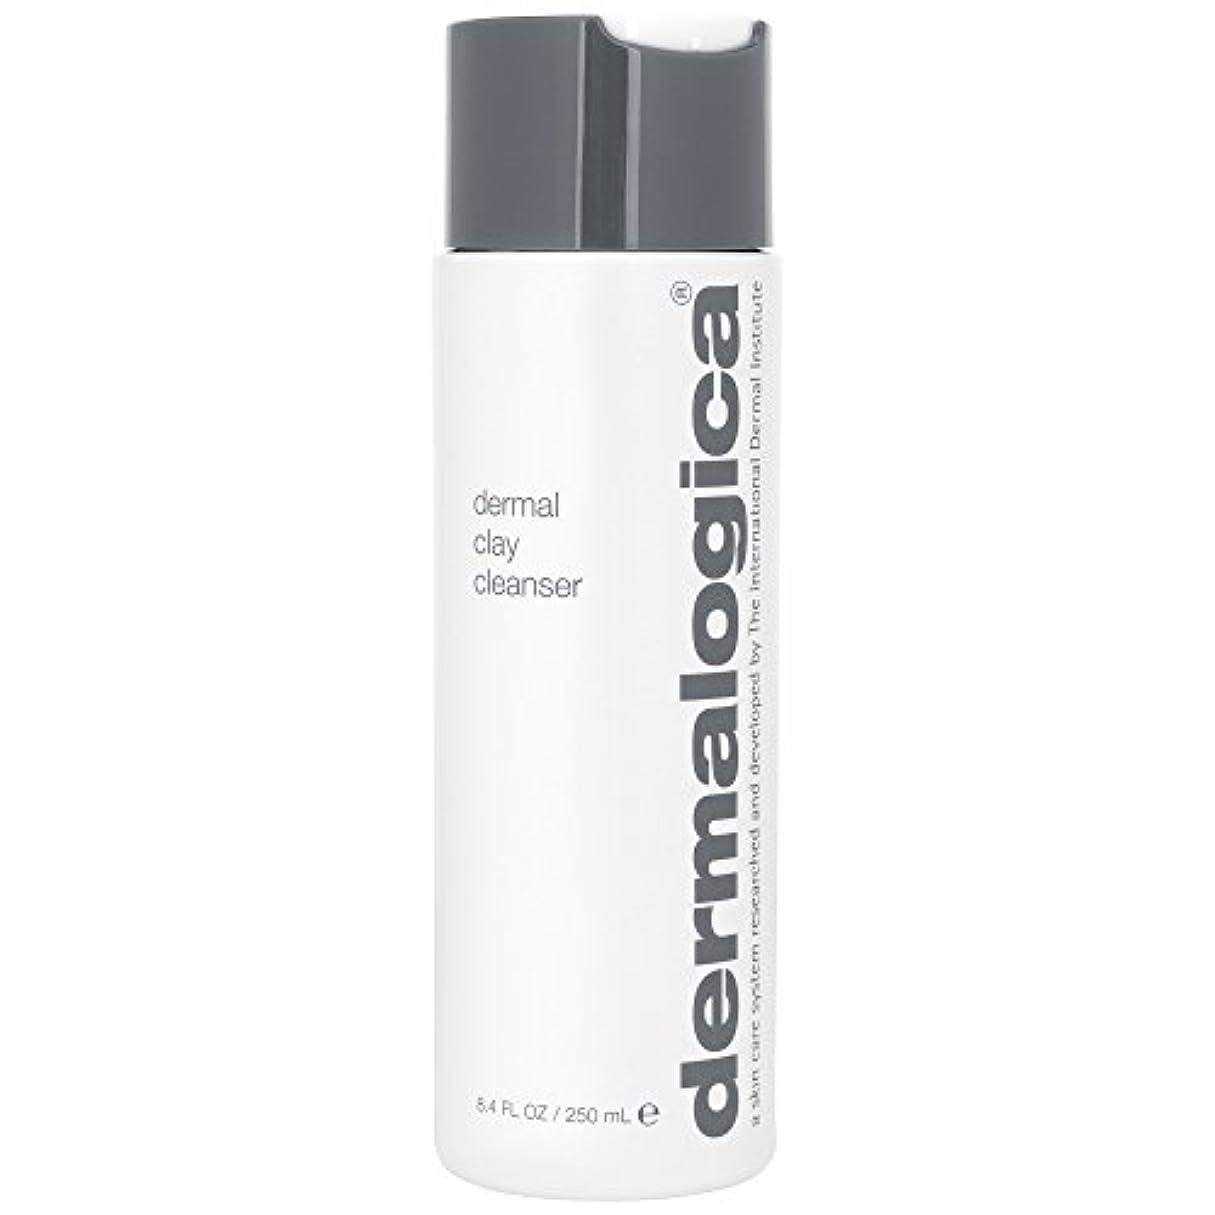 ぬるいパンダ万歳ダーマロジカ真皮クレイクレンザー250ミリリットル (Dermalogica) (x2) - Dermalogica Dermal Clay Cleanser 250ml (Pack of 2) [並行輸入品]